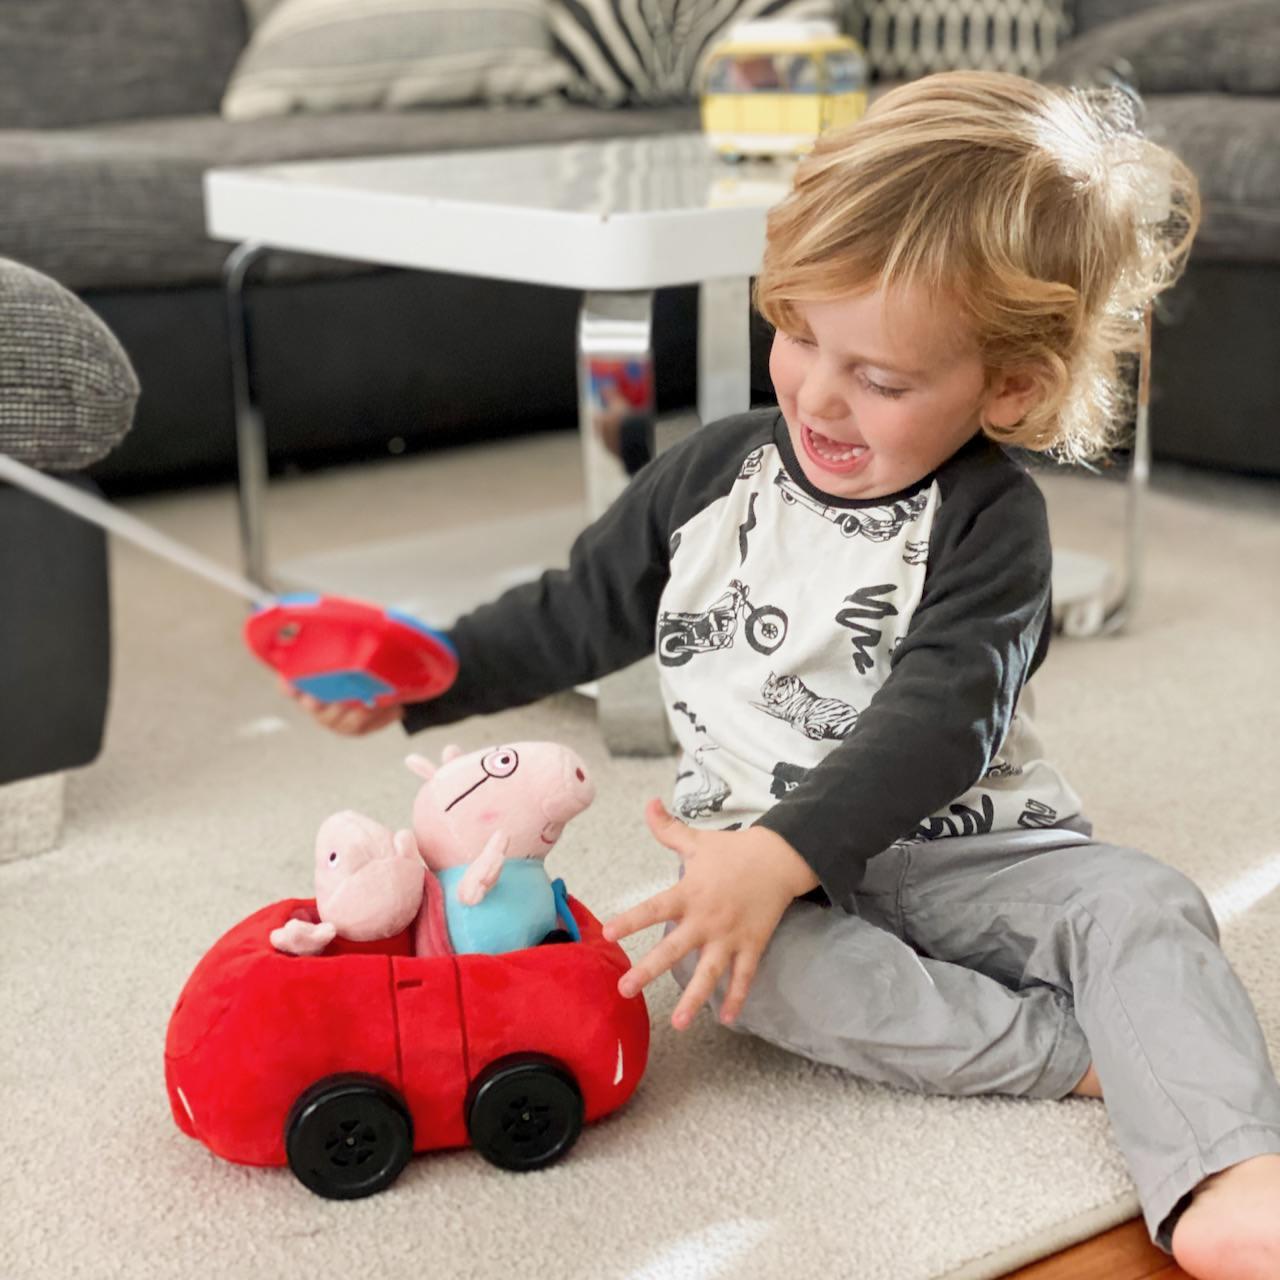 Peppa Pig Auto - mein kleiner Schatz ist mehr als nur begeistert